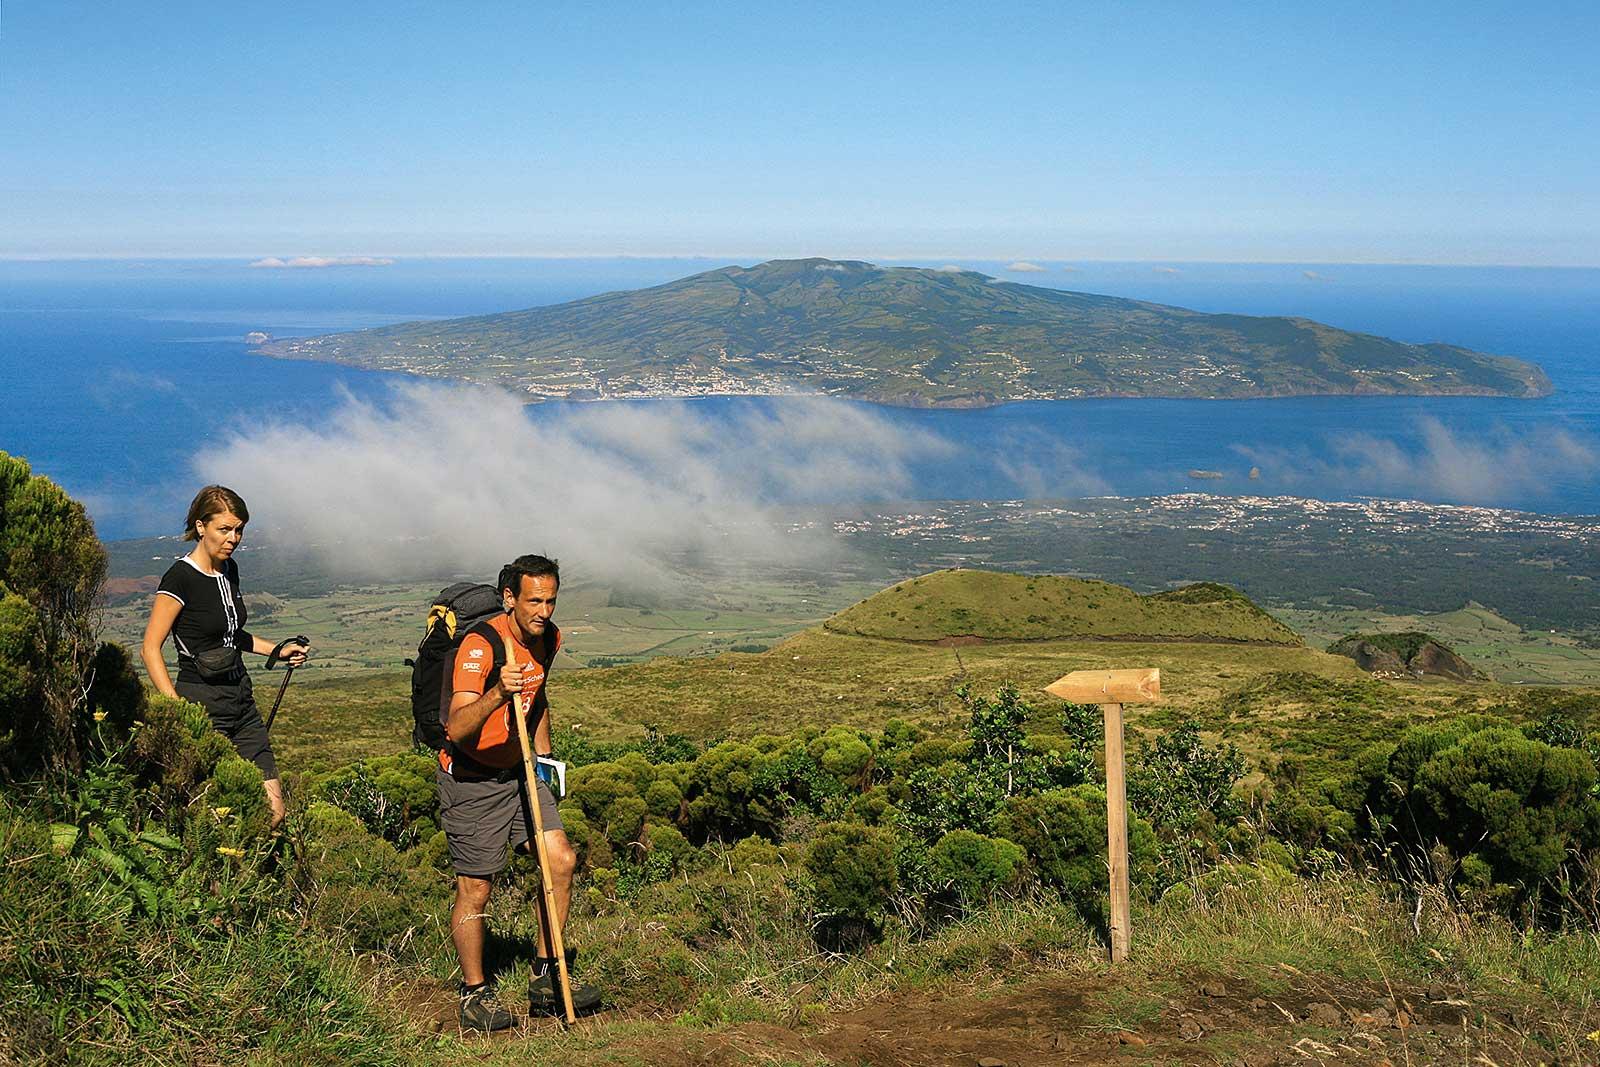 Expédition au point culminant du Portugal, ascension du volcan de Pico.